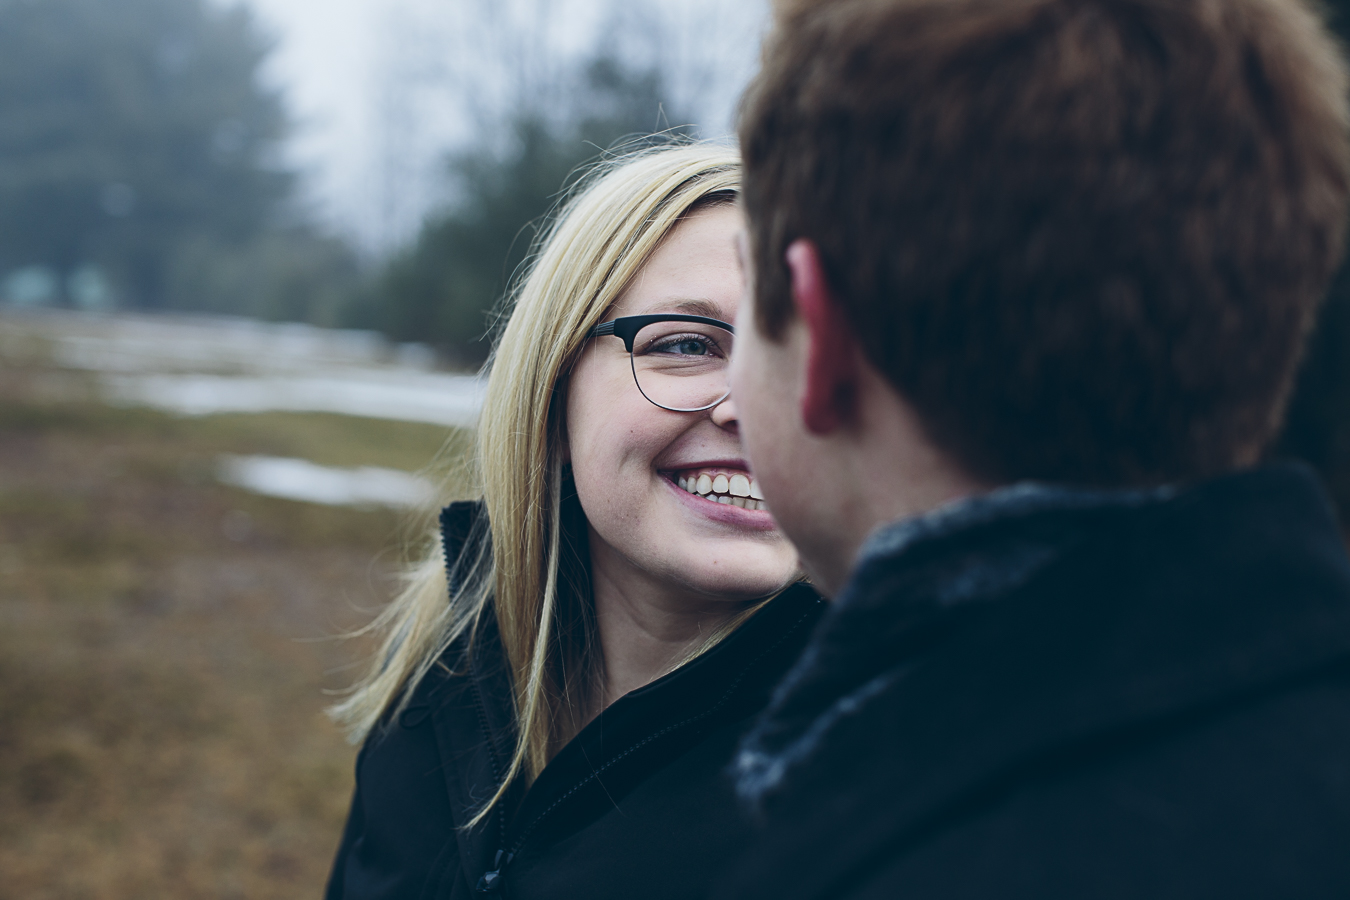 girl smiling at boy